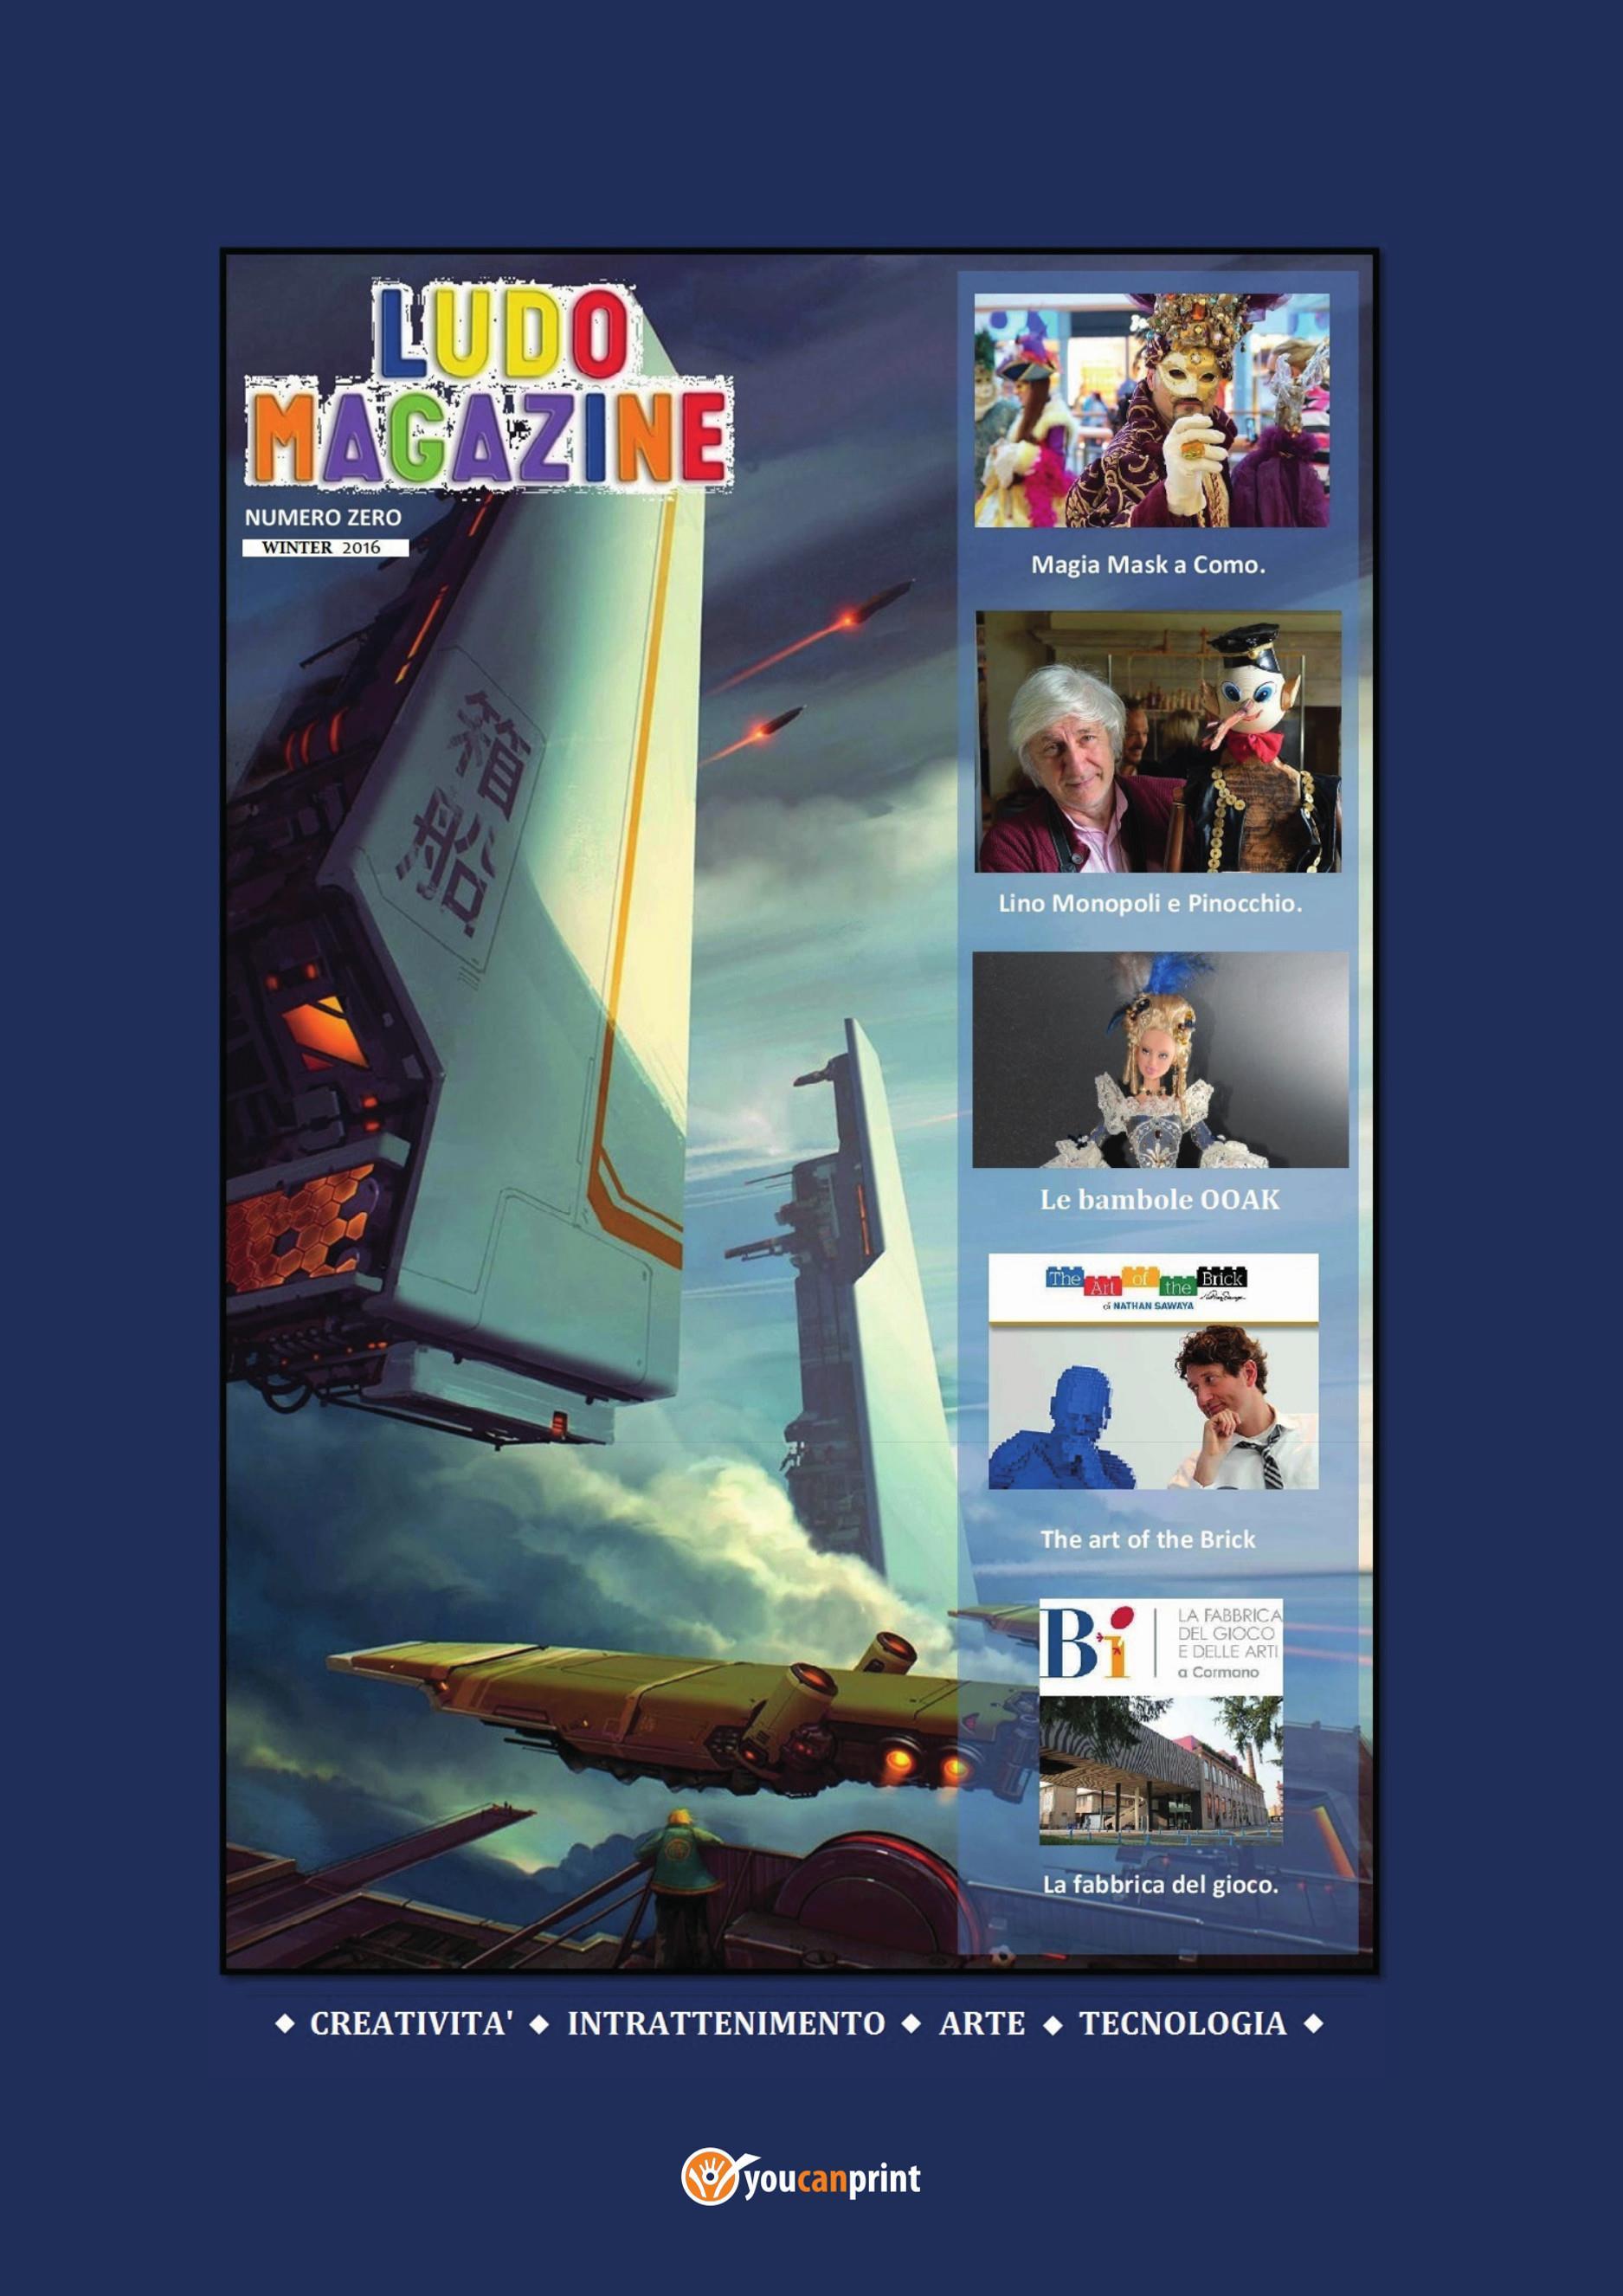 Ludo Magazine - N. Zero